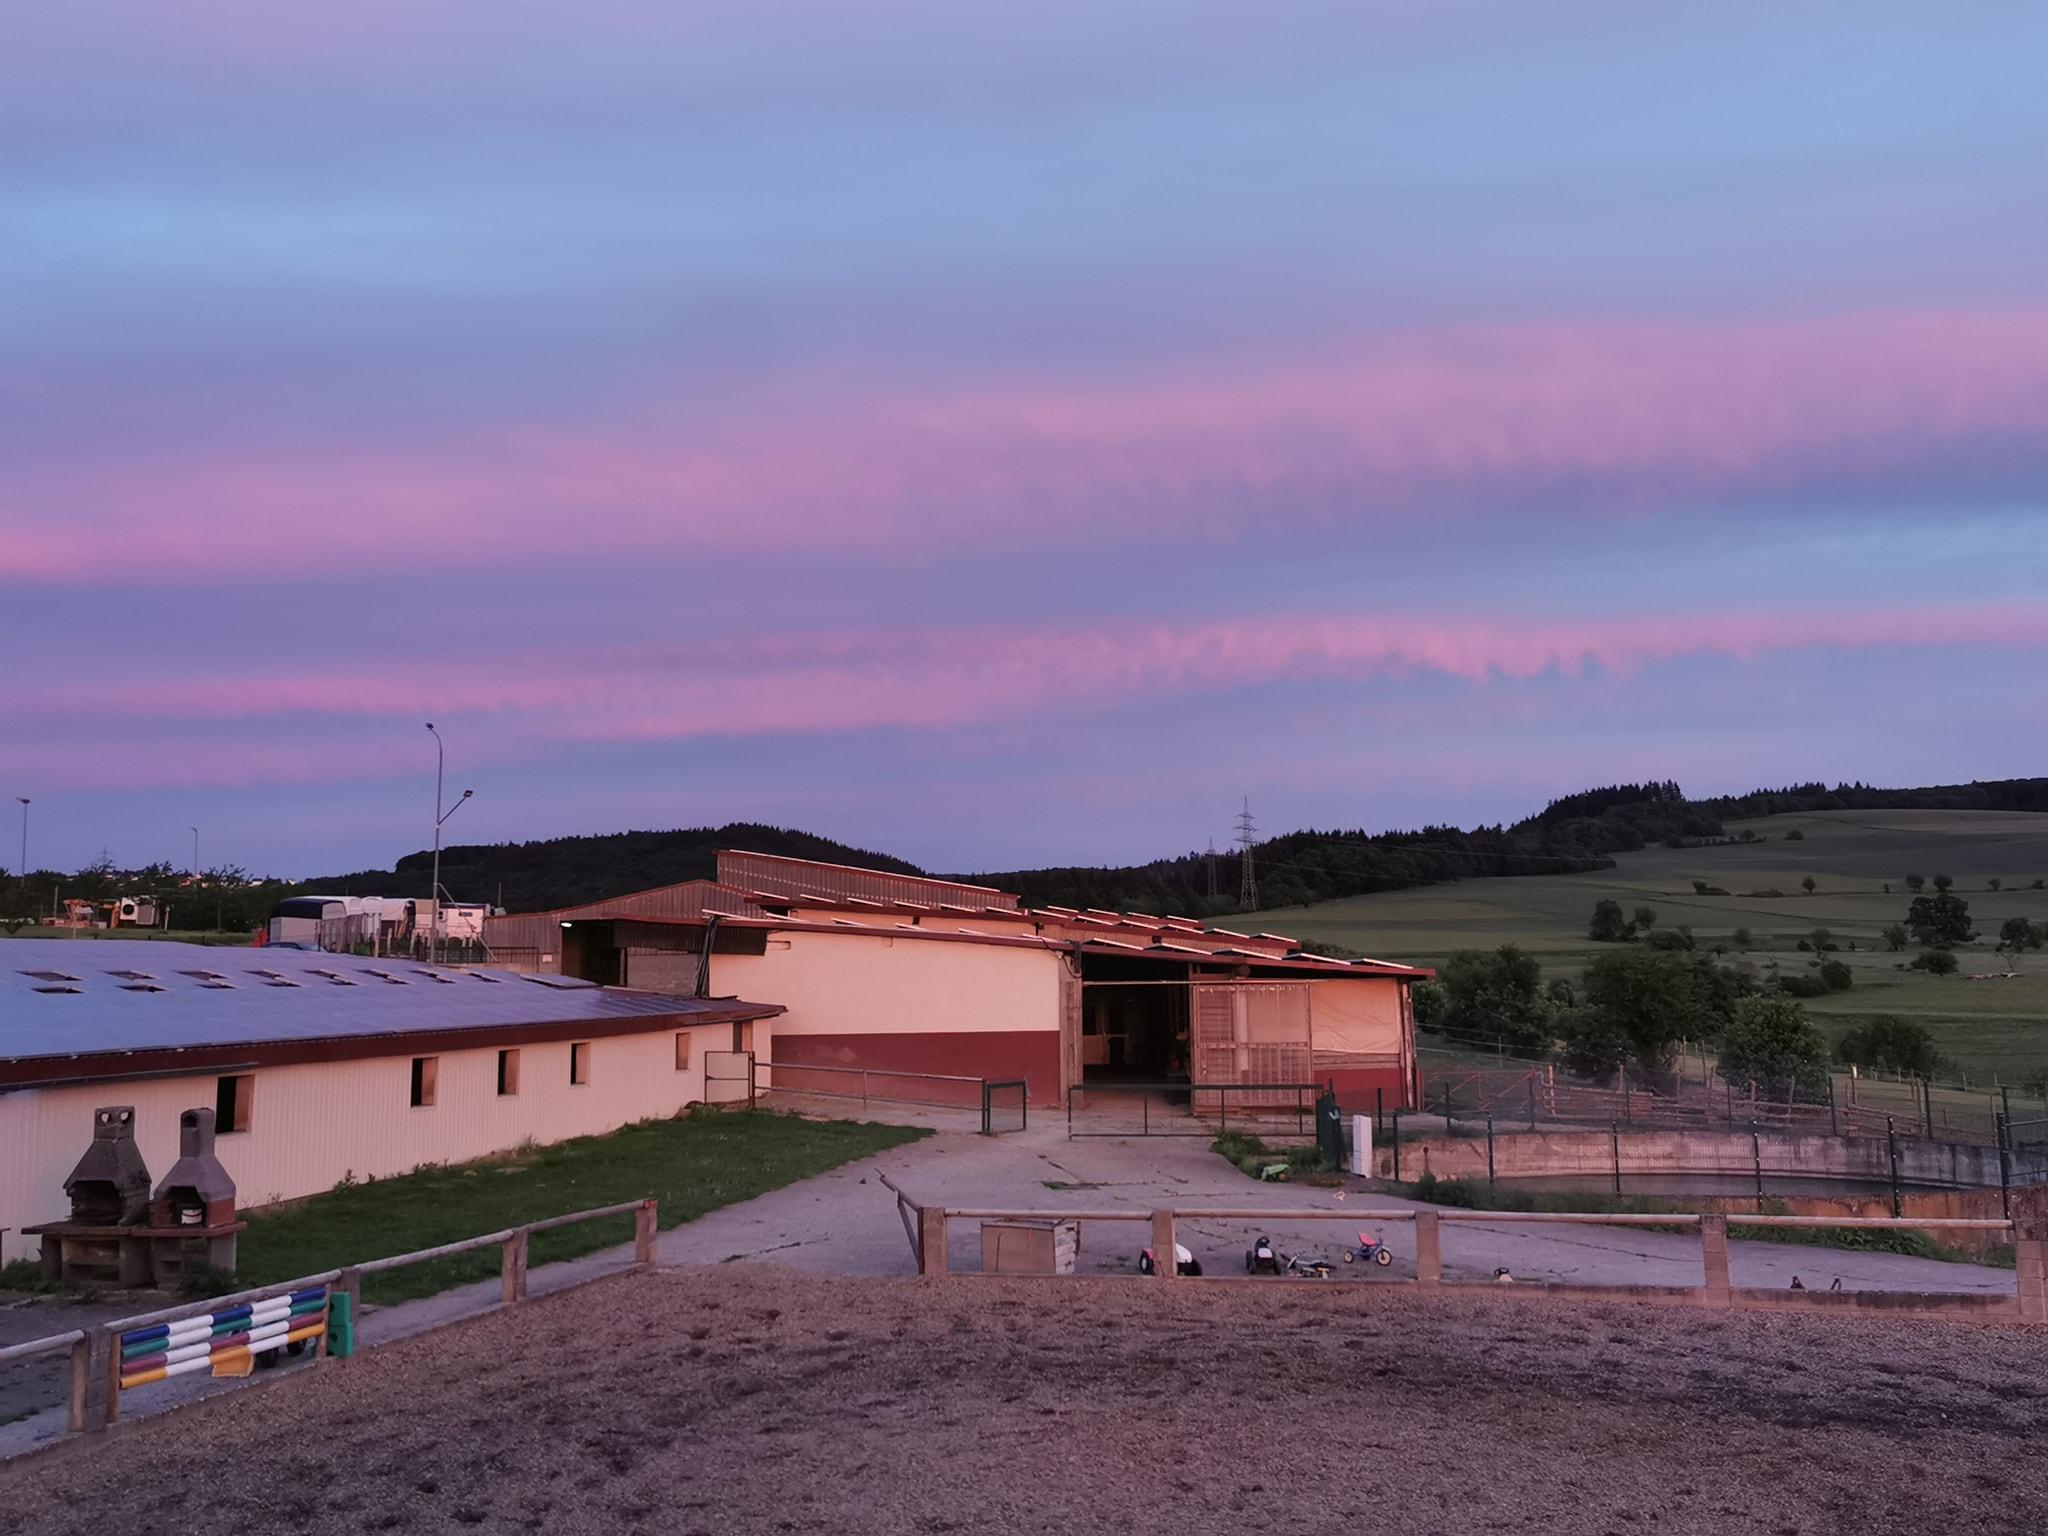 Hier gibt es die schönsten Sonnenuntergänge.